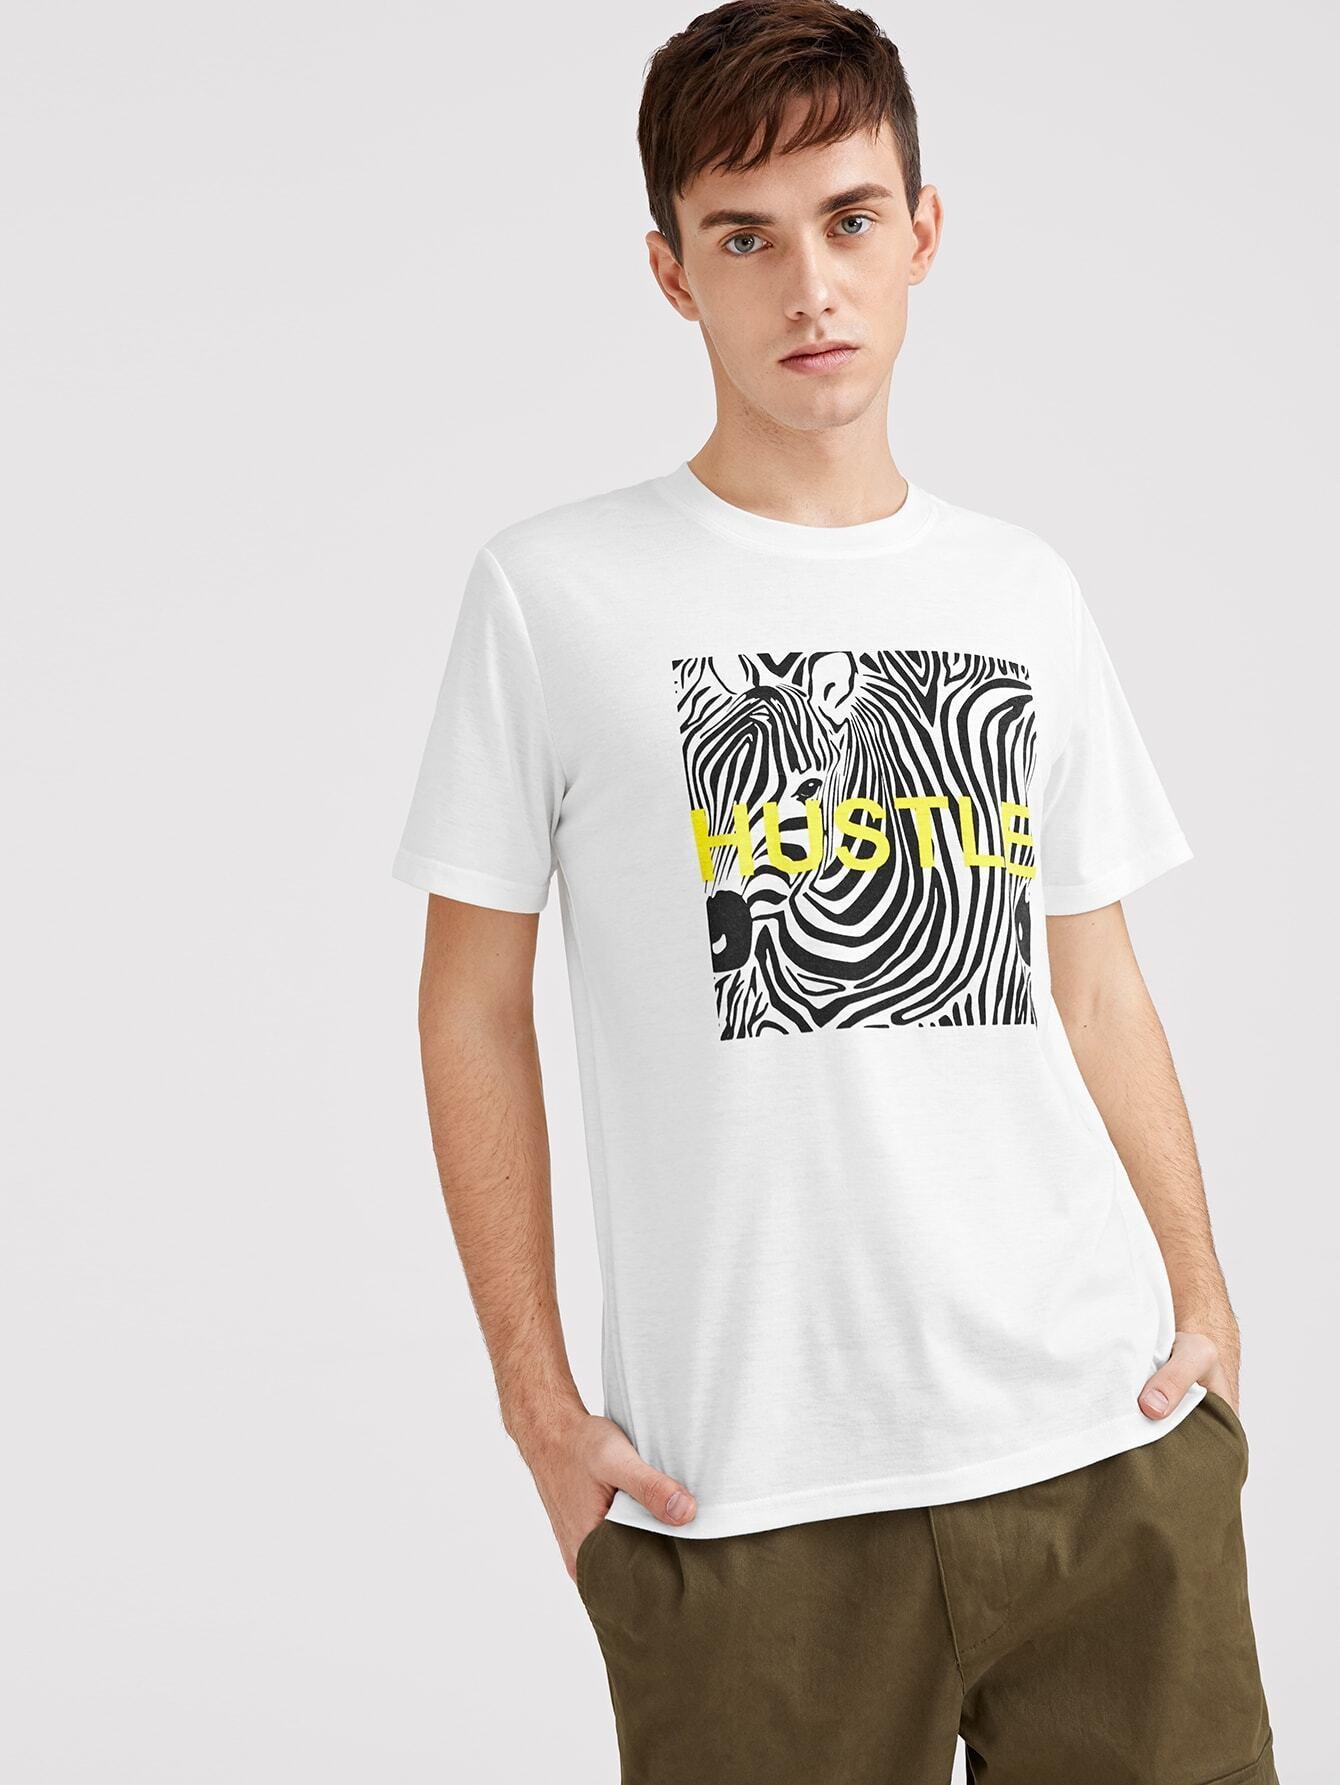 Купить Мужская футболка с зебра-полосатым и текстовым принтом, Valerian, SheIn